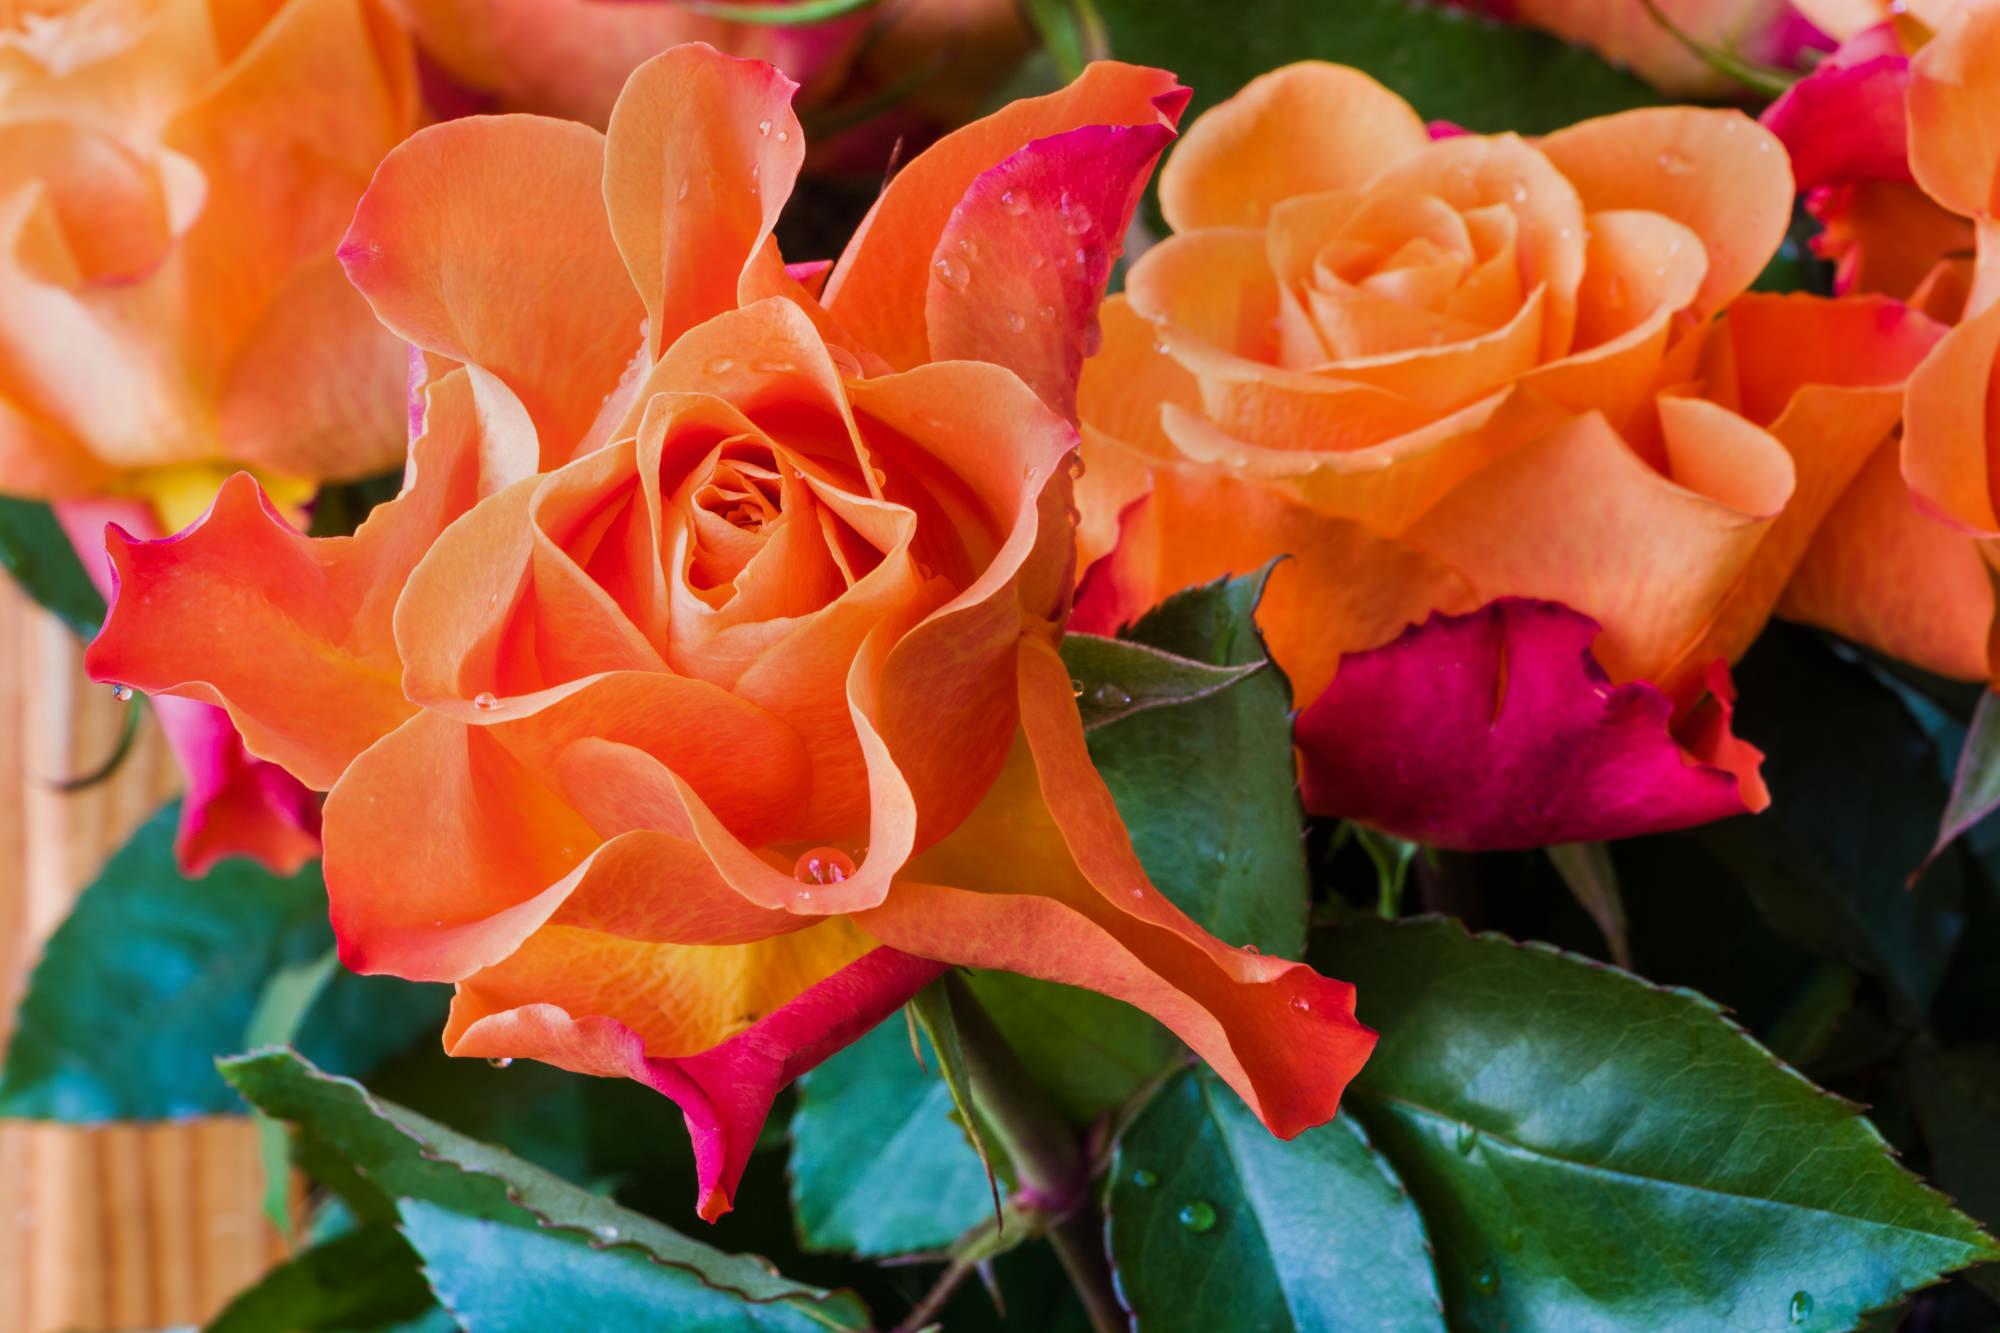 優雅さと爽やかさを併せ持つオレンジバラ